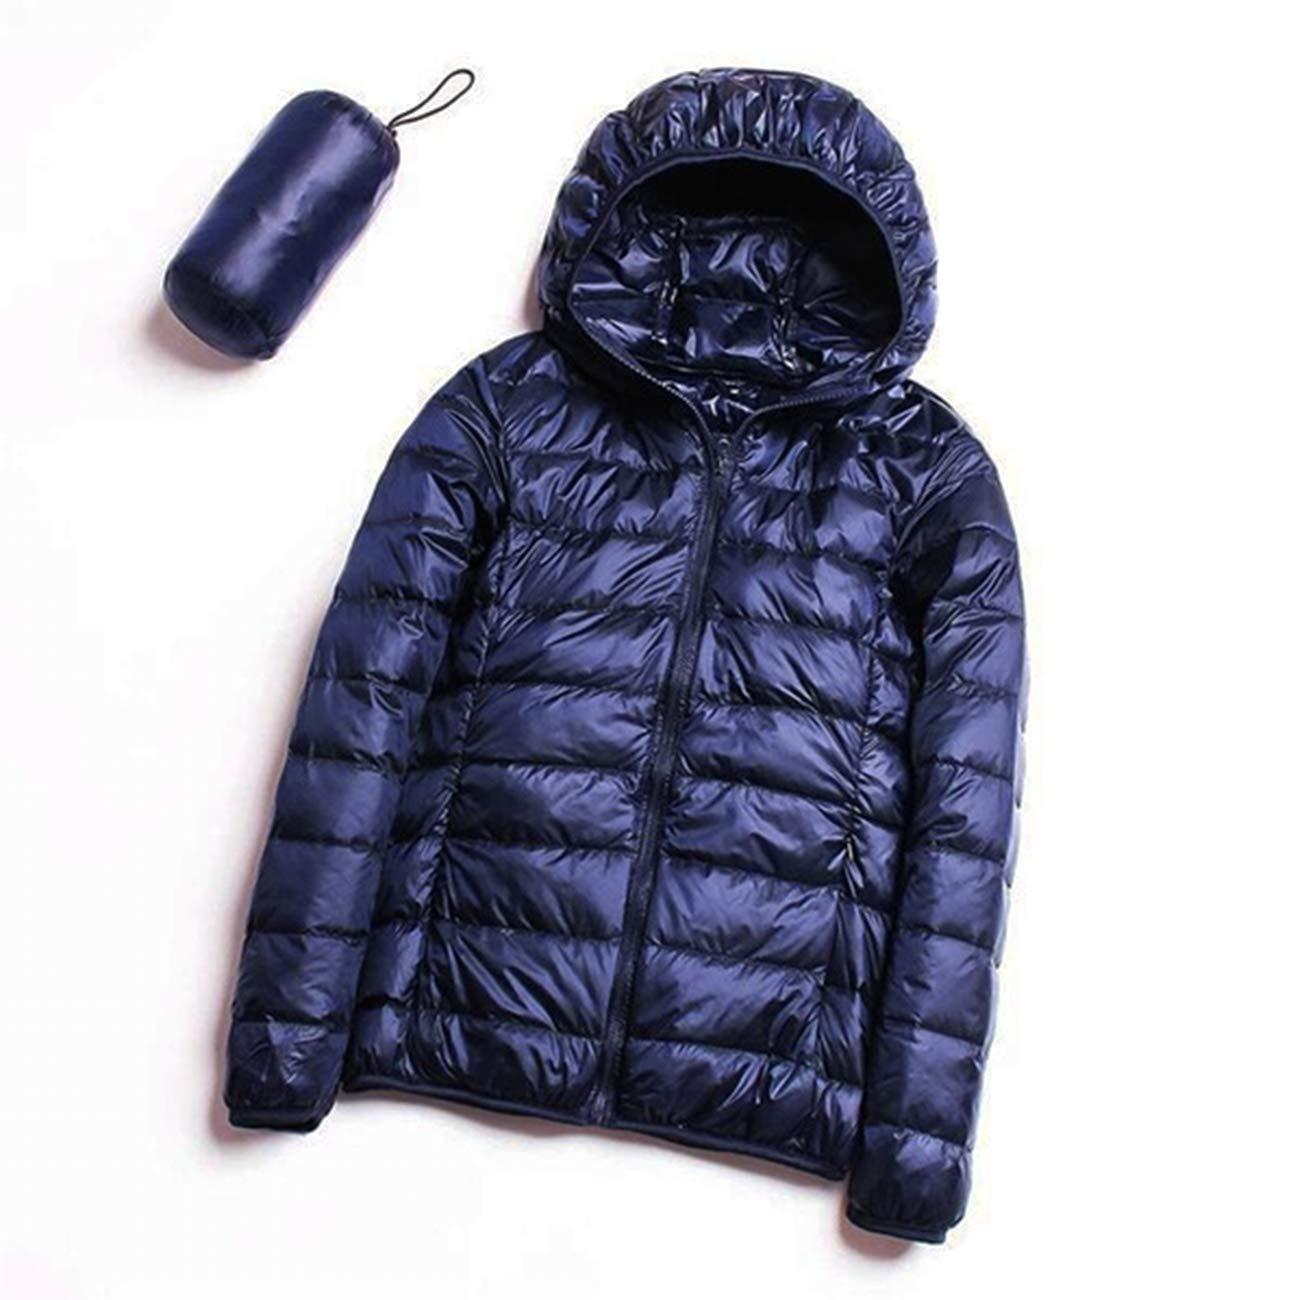 Escursionismo Arrampicata Sci Sport Casuali e Inverno AidShunn Cappotti da Donna Peso Ultra Leggero/Manica Lunga Cappotti Piumini per Viaggiare